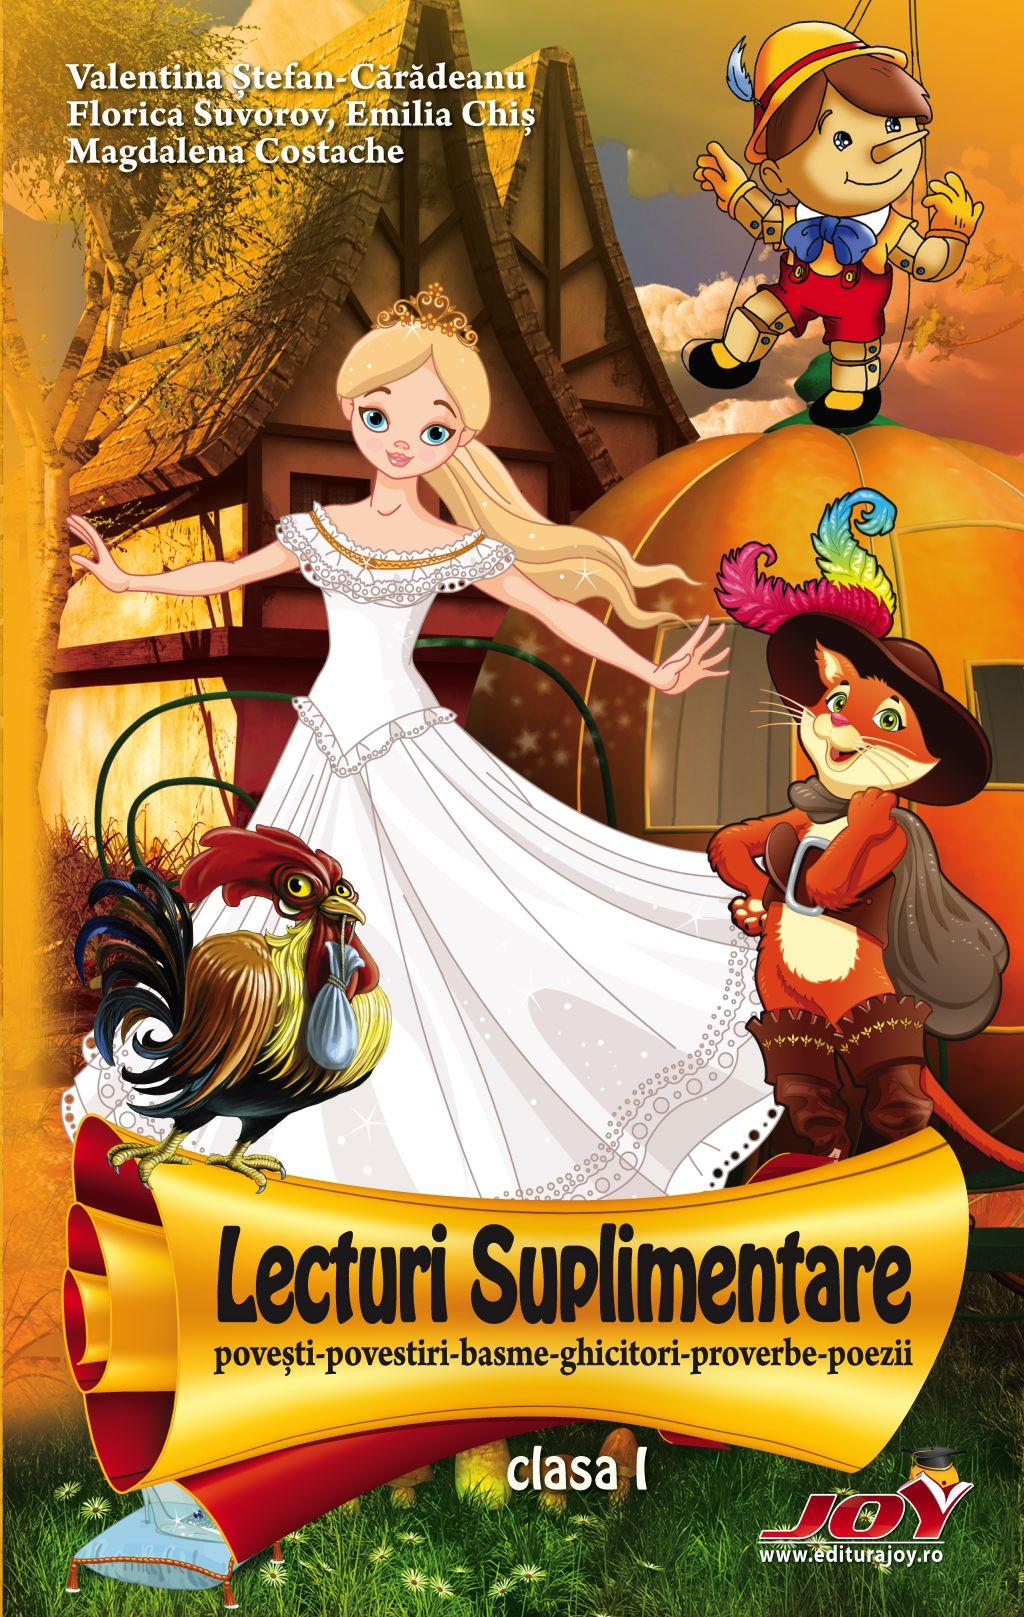 Lecturi suplimentare pentru clasa I   Valentina Stefan-Caradeanu